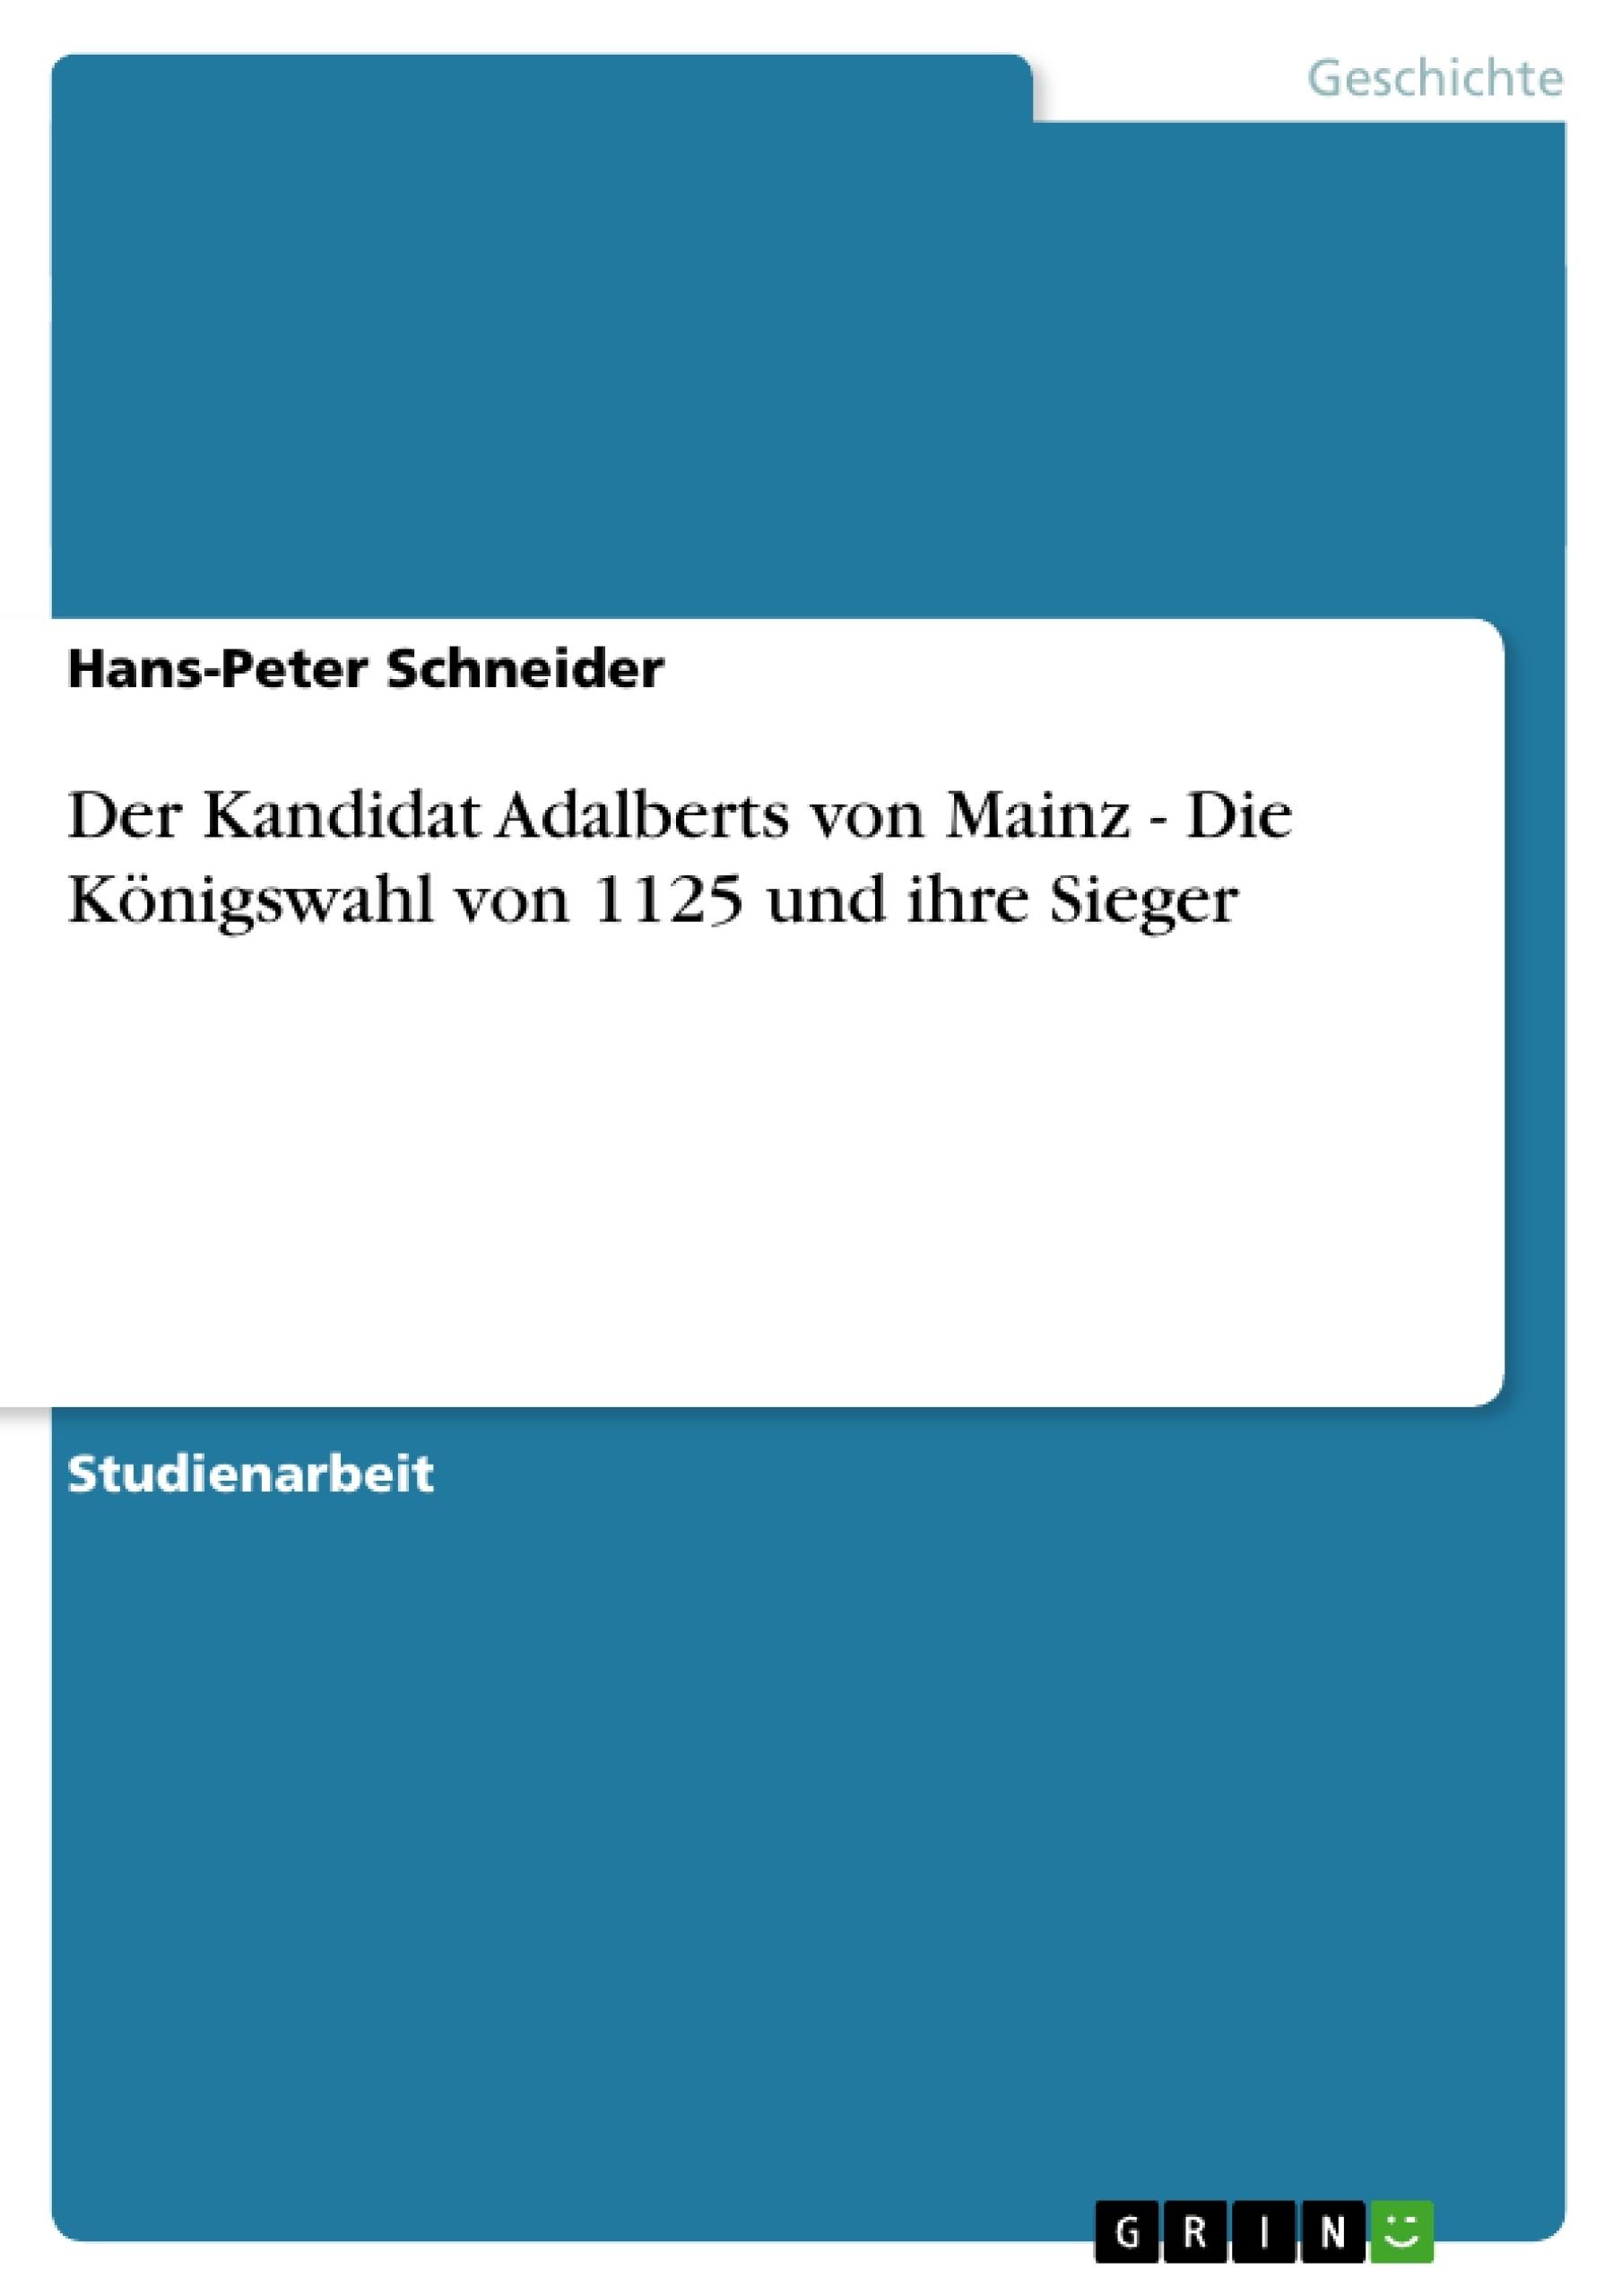 Titel: Der Kandidat Adalberts von Mainz - Die Königswahl von 1125 und ihre Sieger